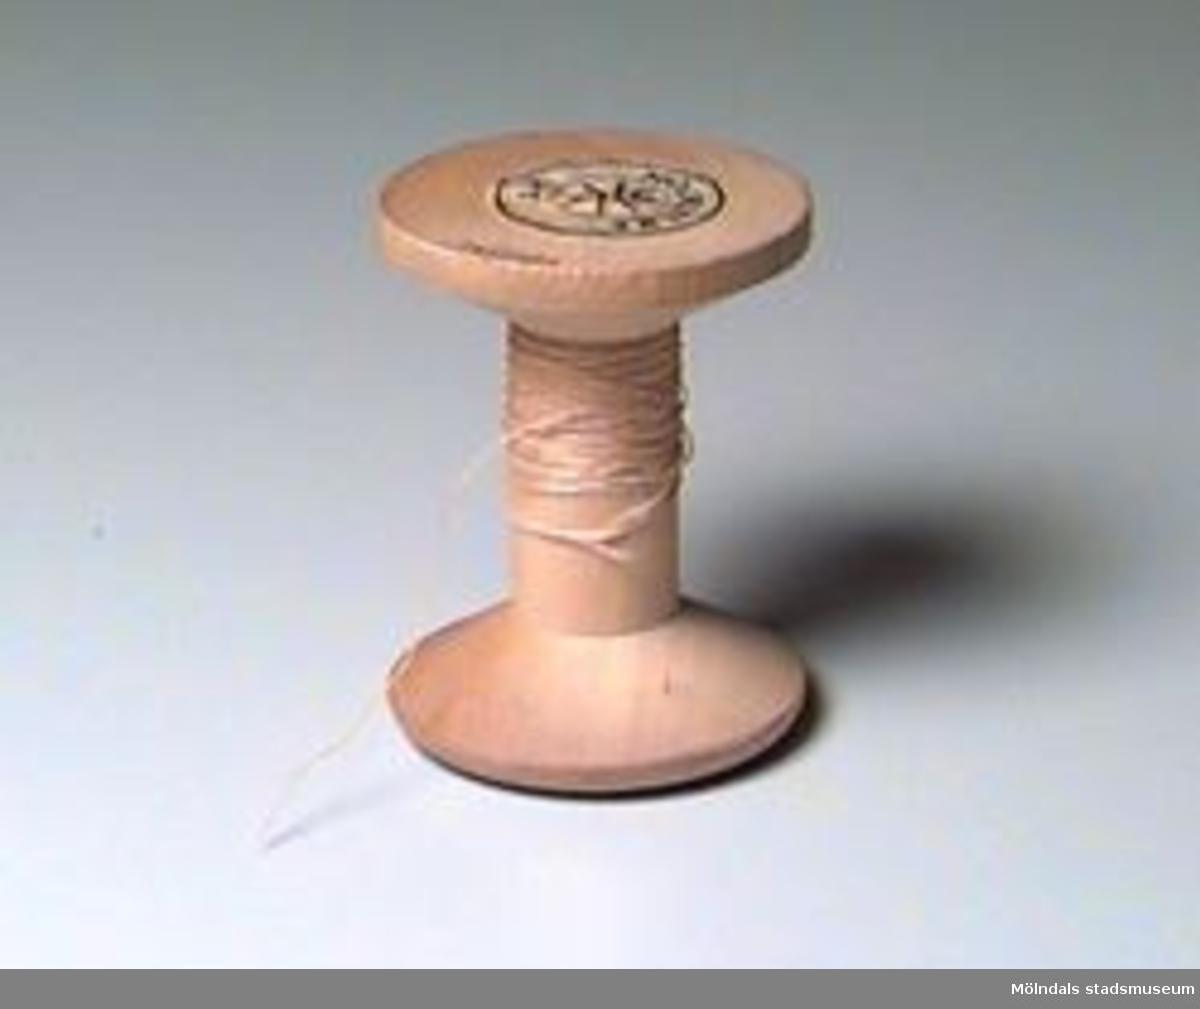 """Runda pappersetiketter på båda sidor av den obehandlade trärullen. Den ena i rött/rosa/silver på vitt, den andra i svart på vitt. Text på etiketterna: """"MÖLNLYCKE VIT/MÖLNLYCKE 200 METER 4 m/g"""". Lite gulnad tråd kvar på rullen."""